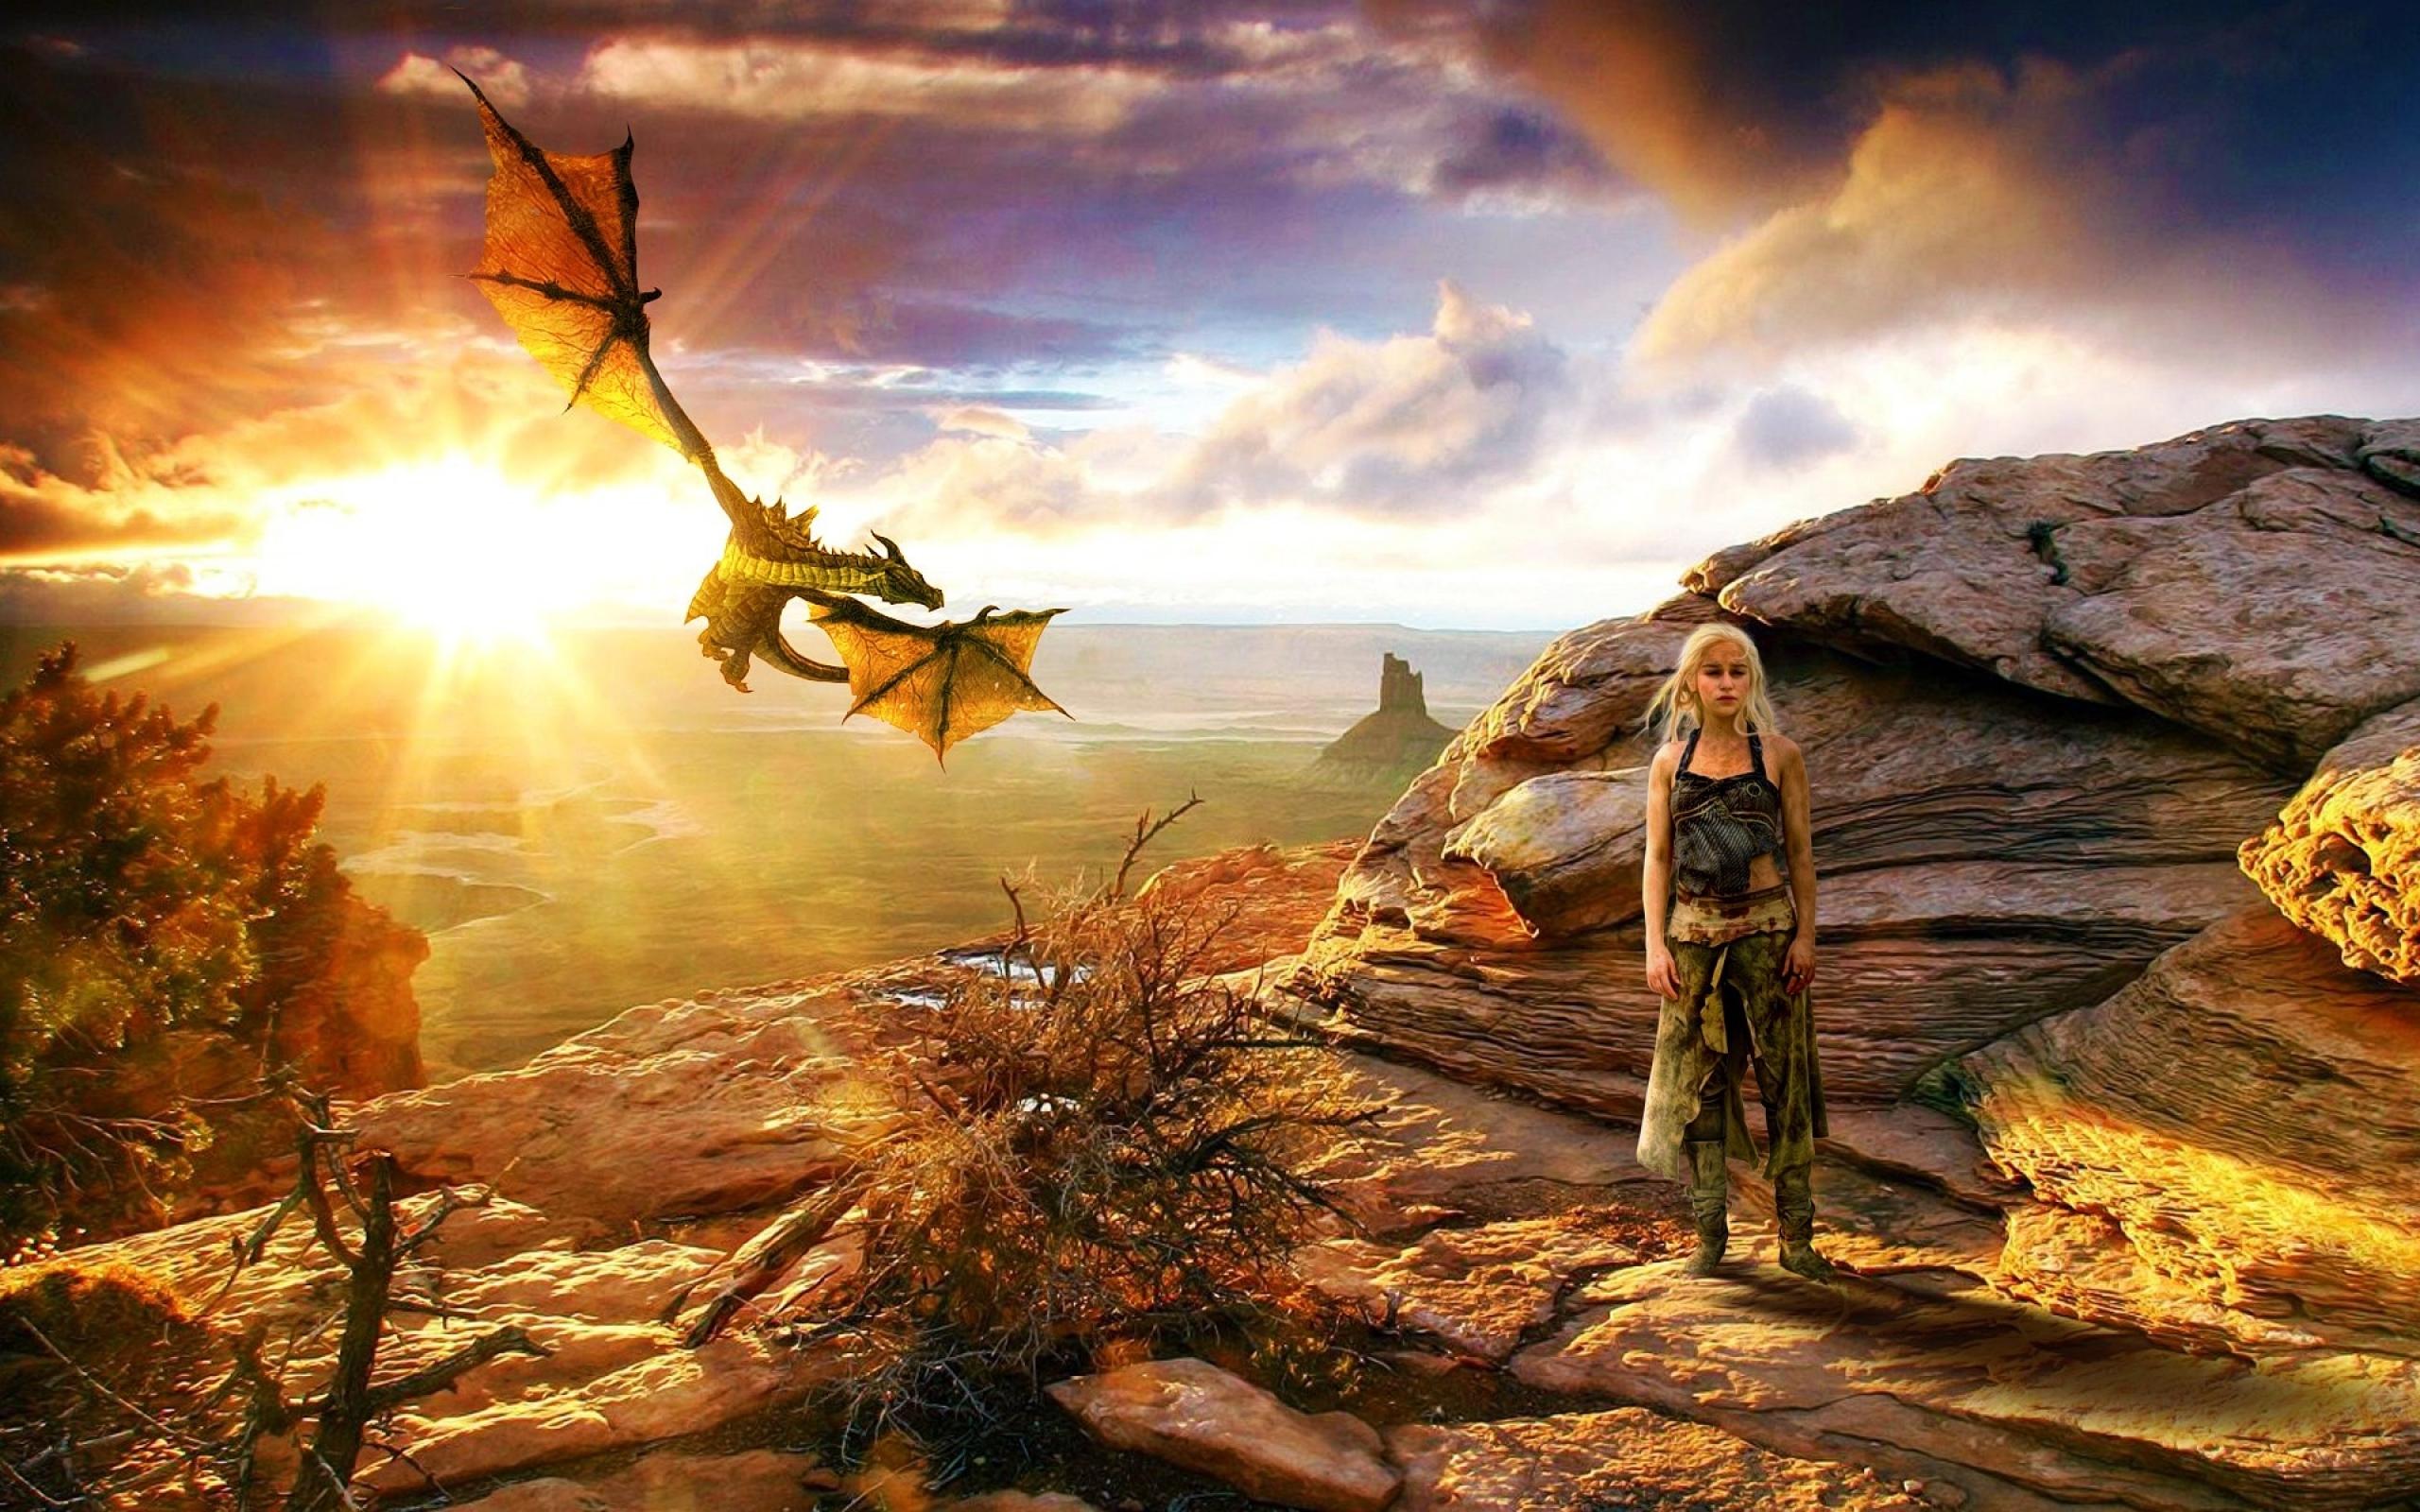 Game Of Thrones Season Daenerys Targaryen Wallpaper - Hd Game Of Thrones Dragons - HD Wallpaper